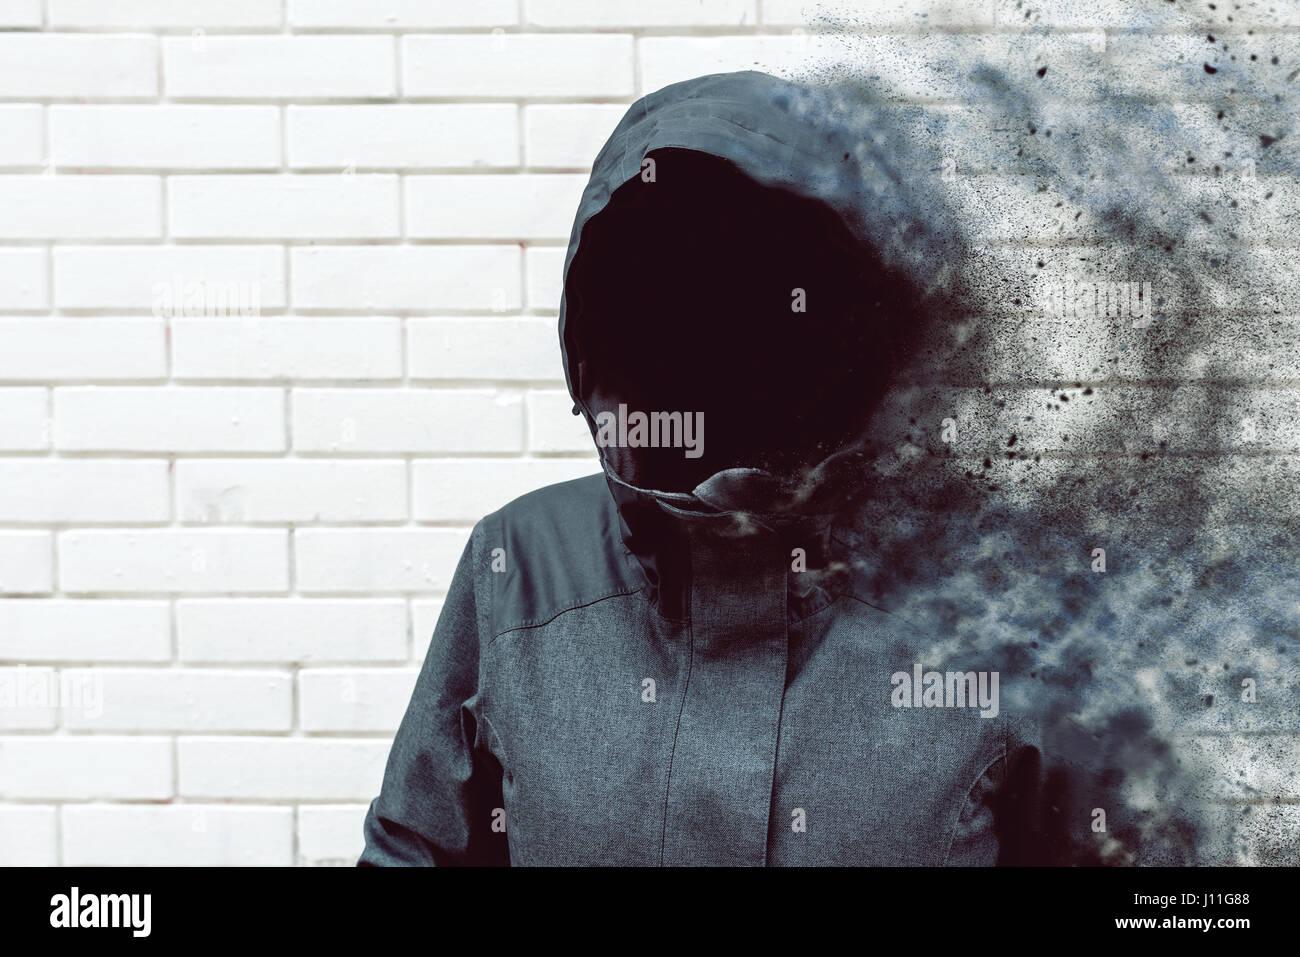 Geist weht Gedanken, gesichtslosen vermummte Person gegen weiße Mauer Stockbild